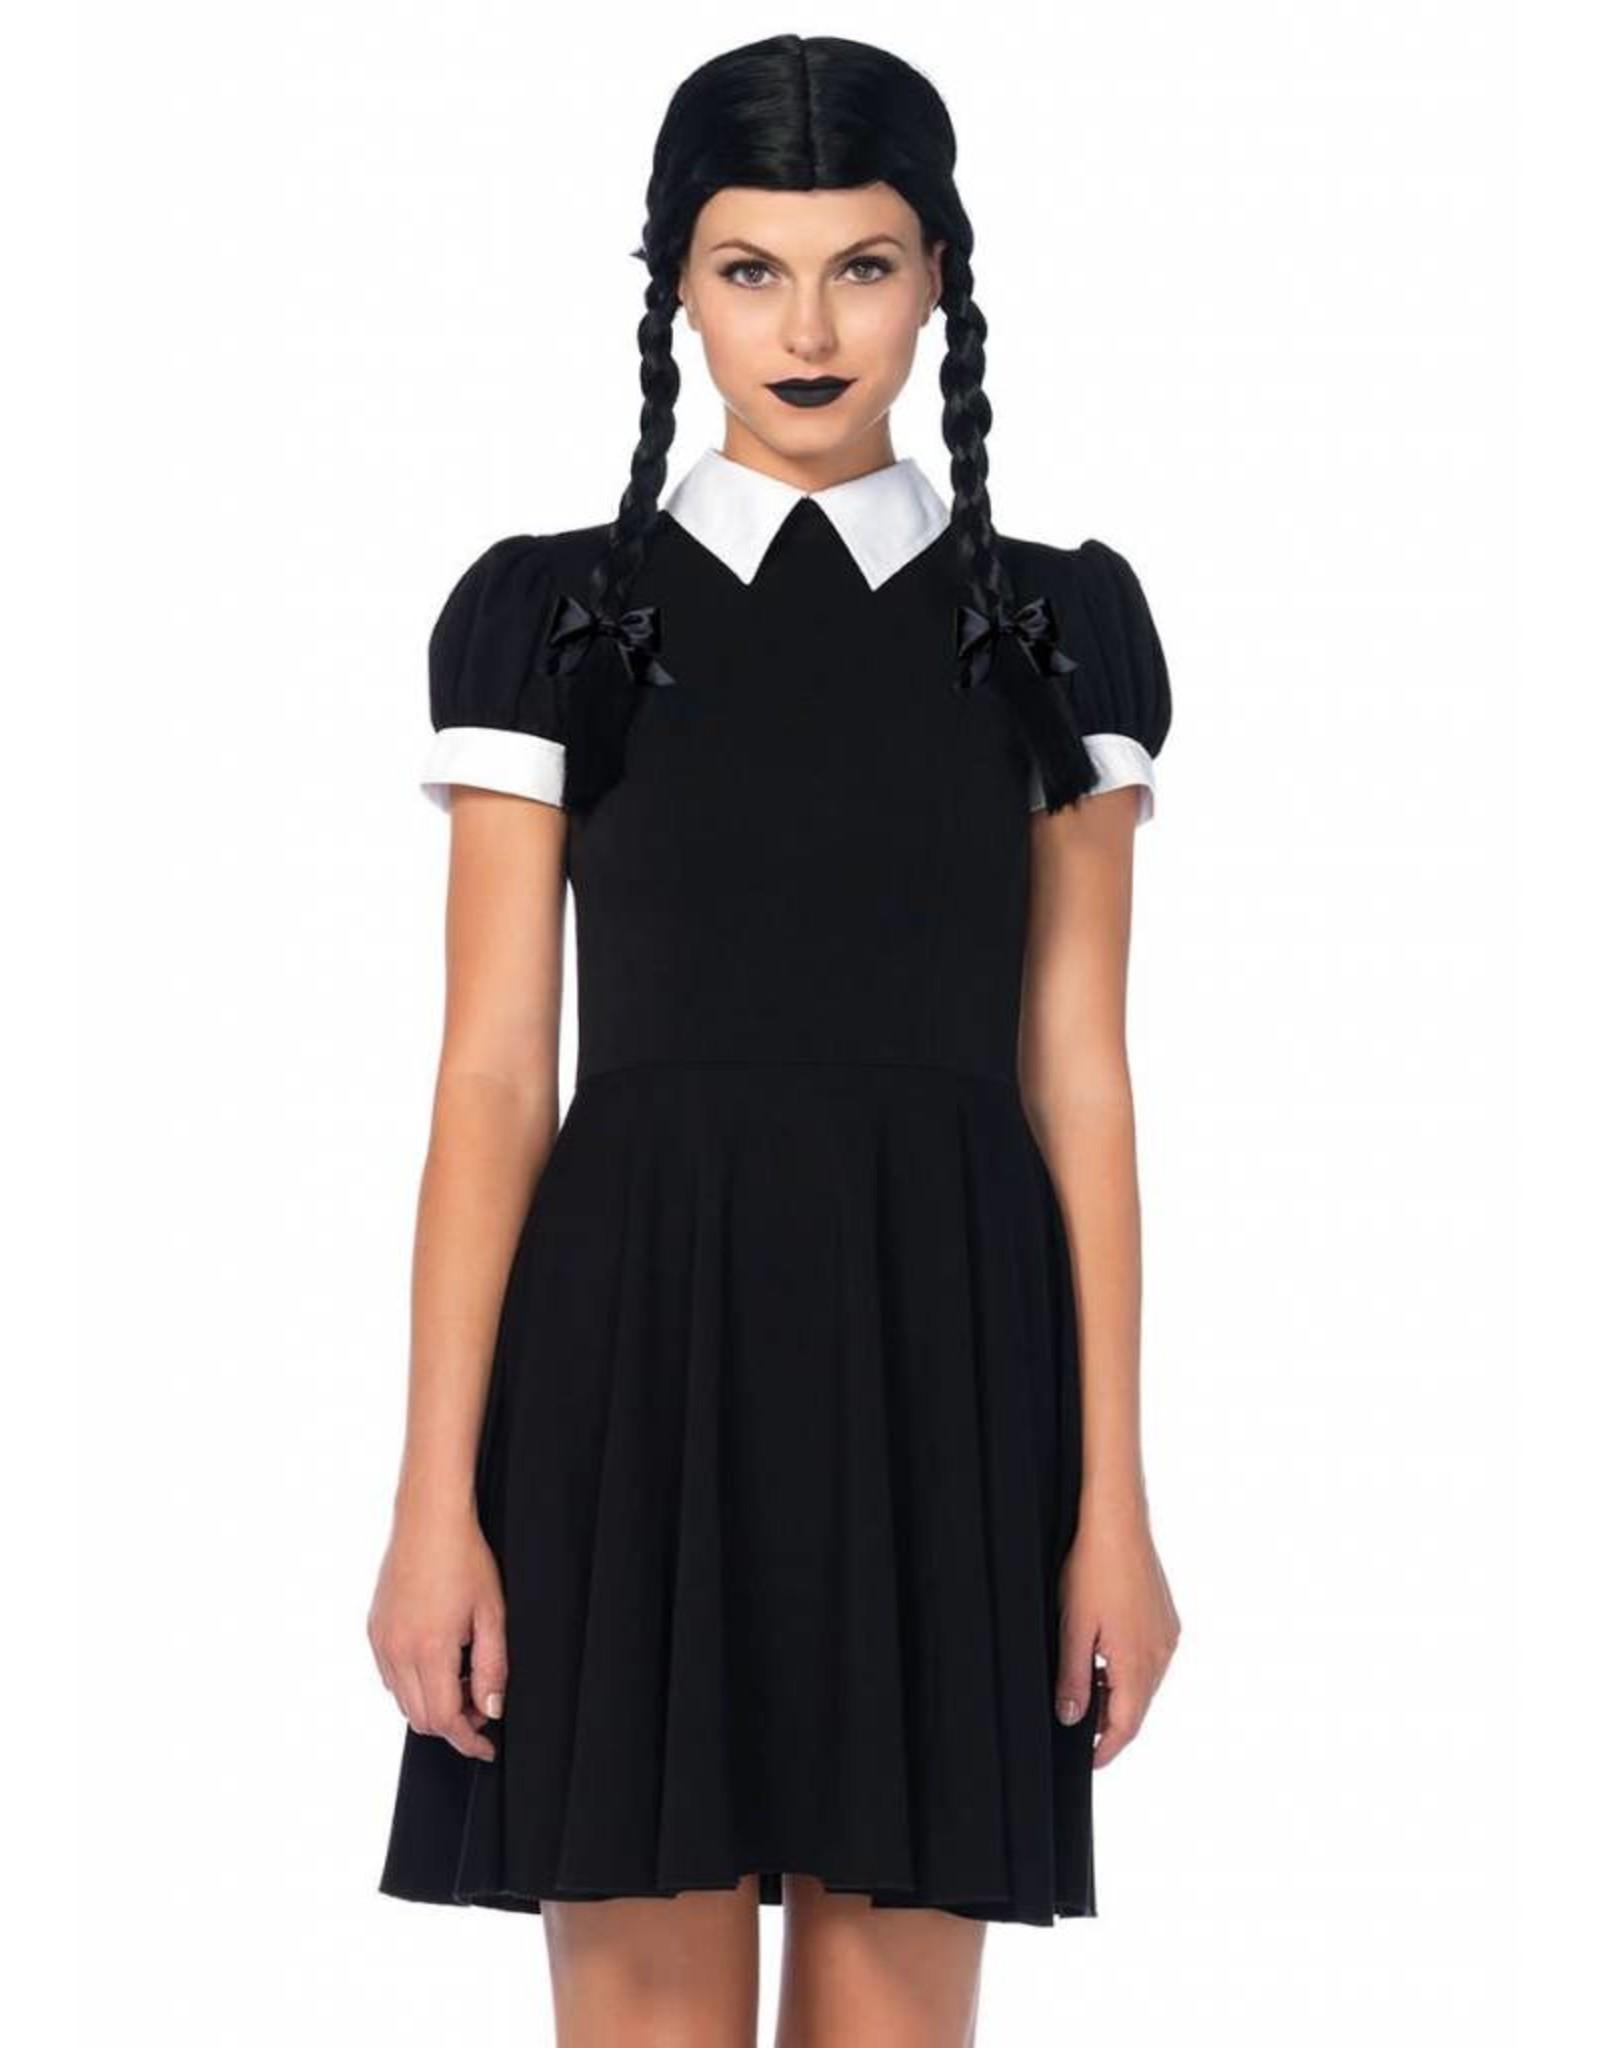 Leg Avenue Gothic Darling